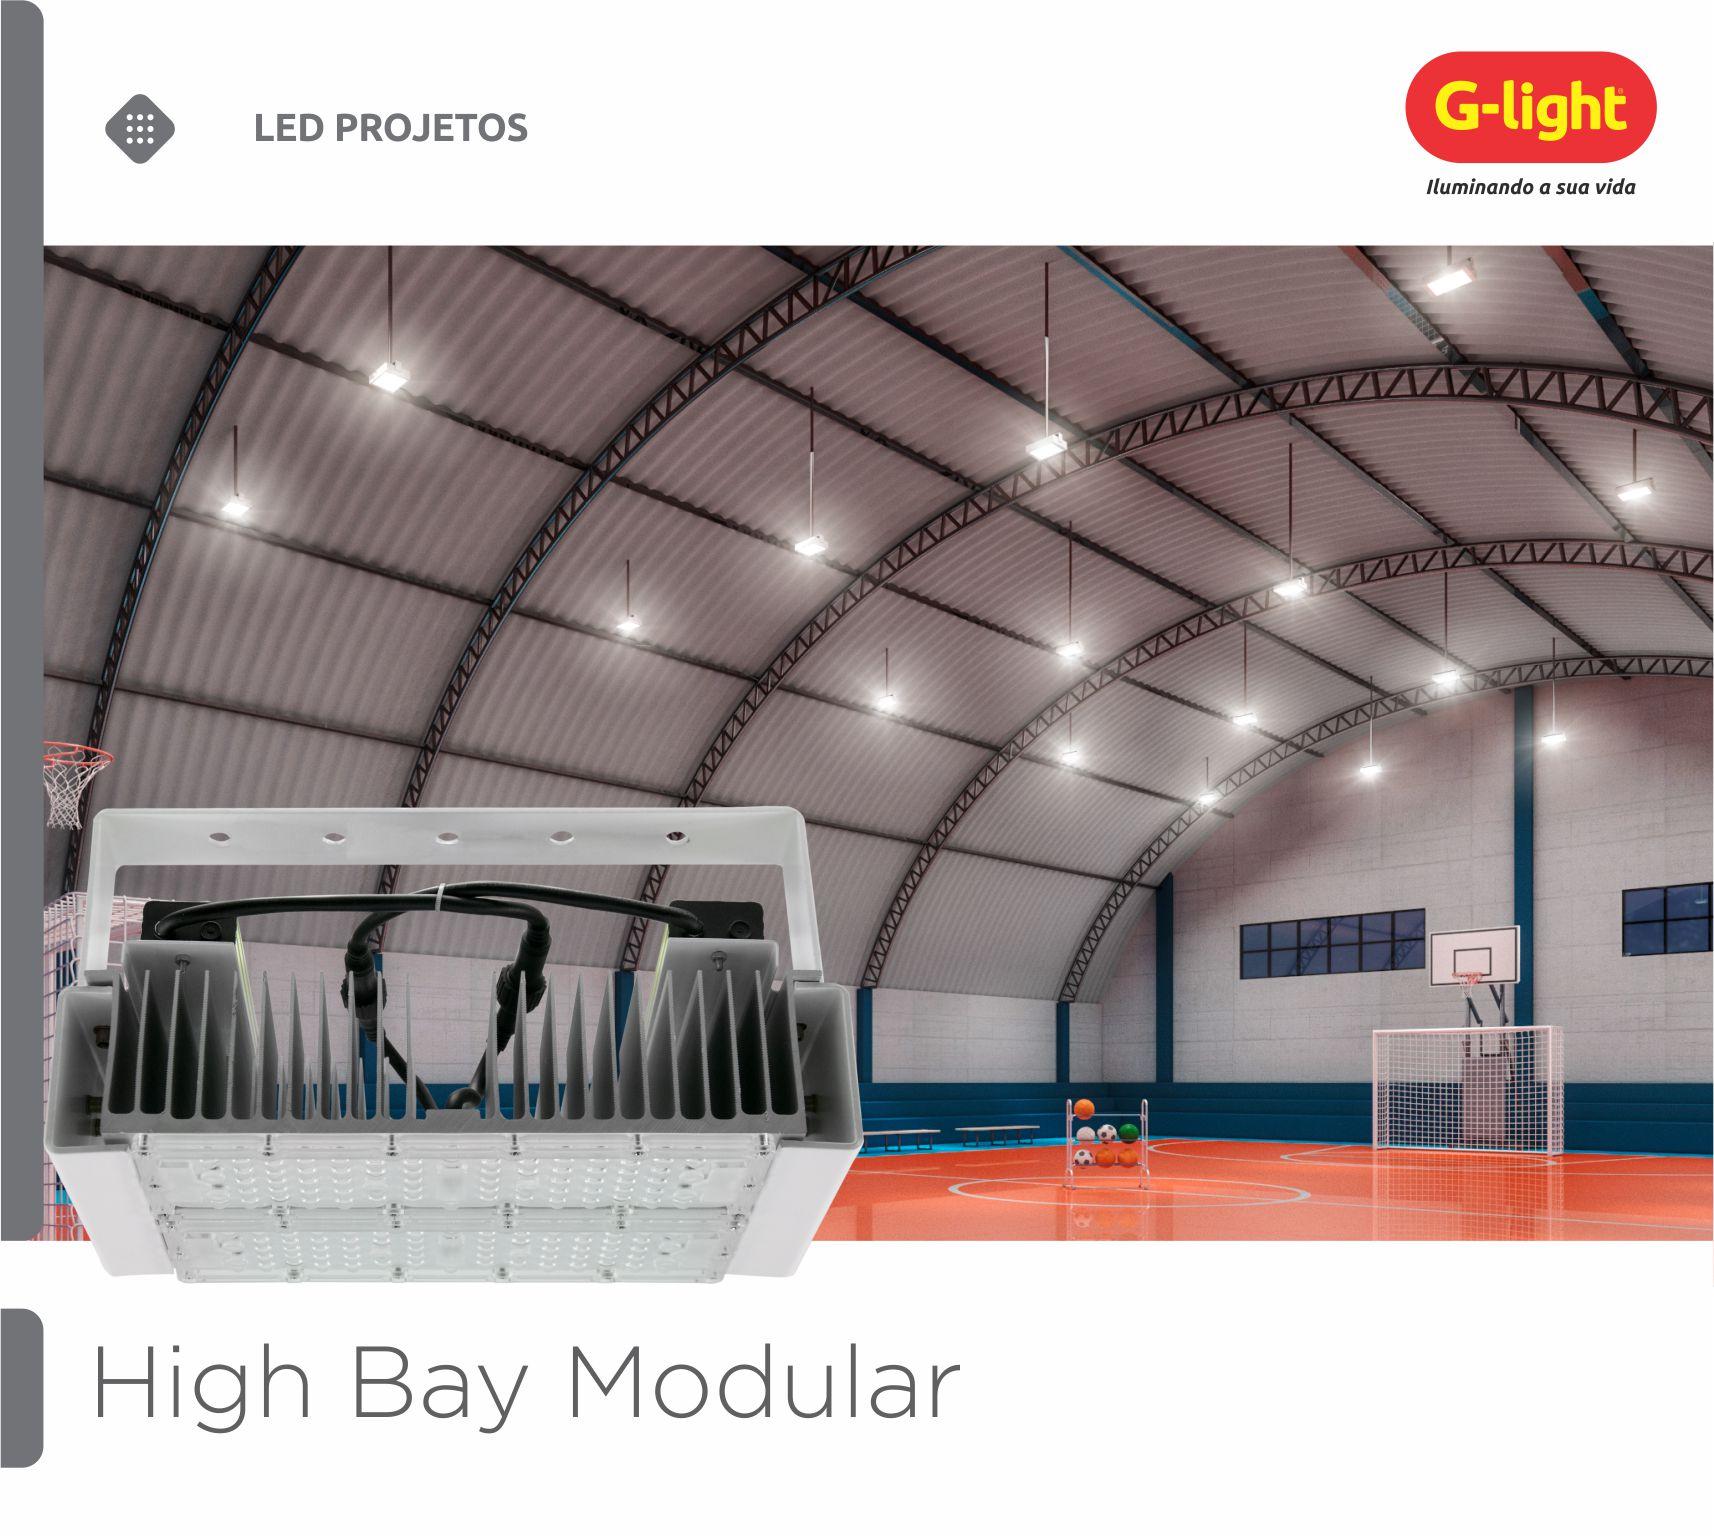 High Bay Modular